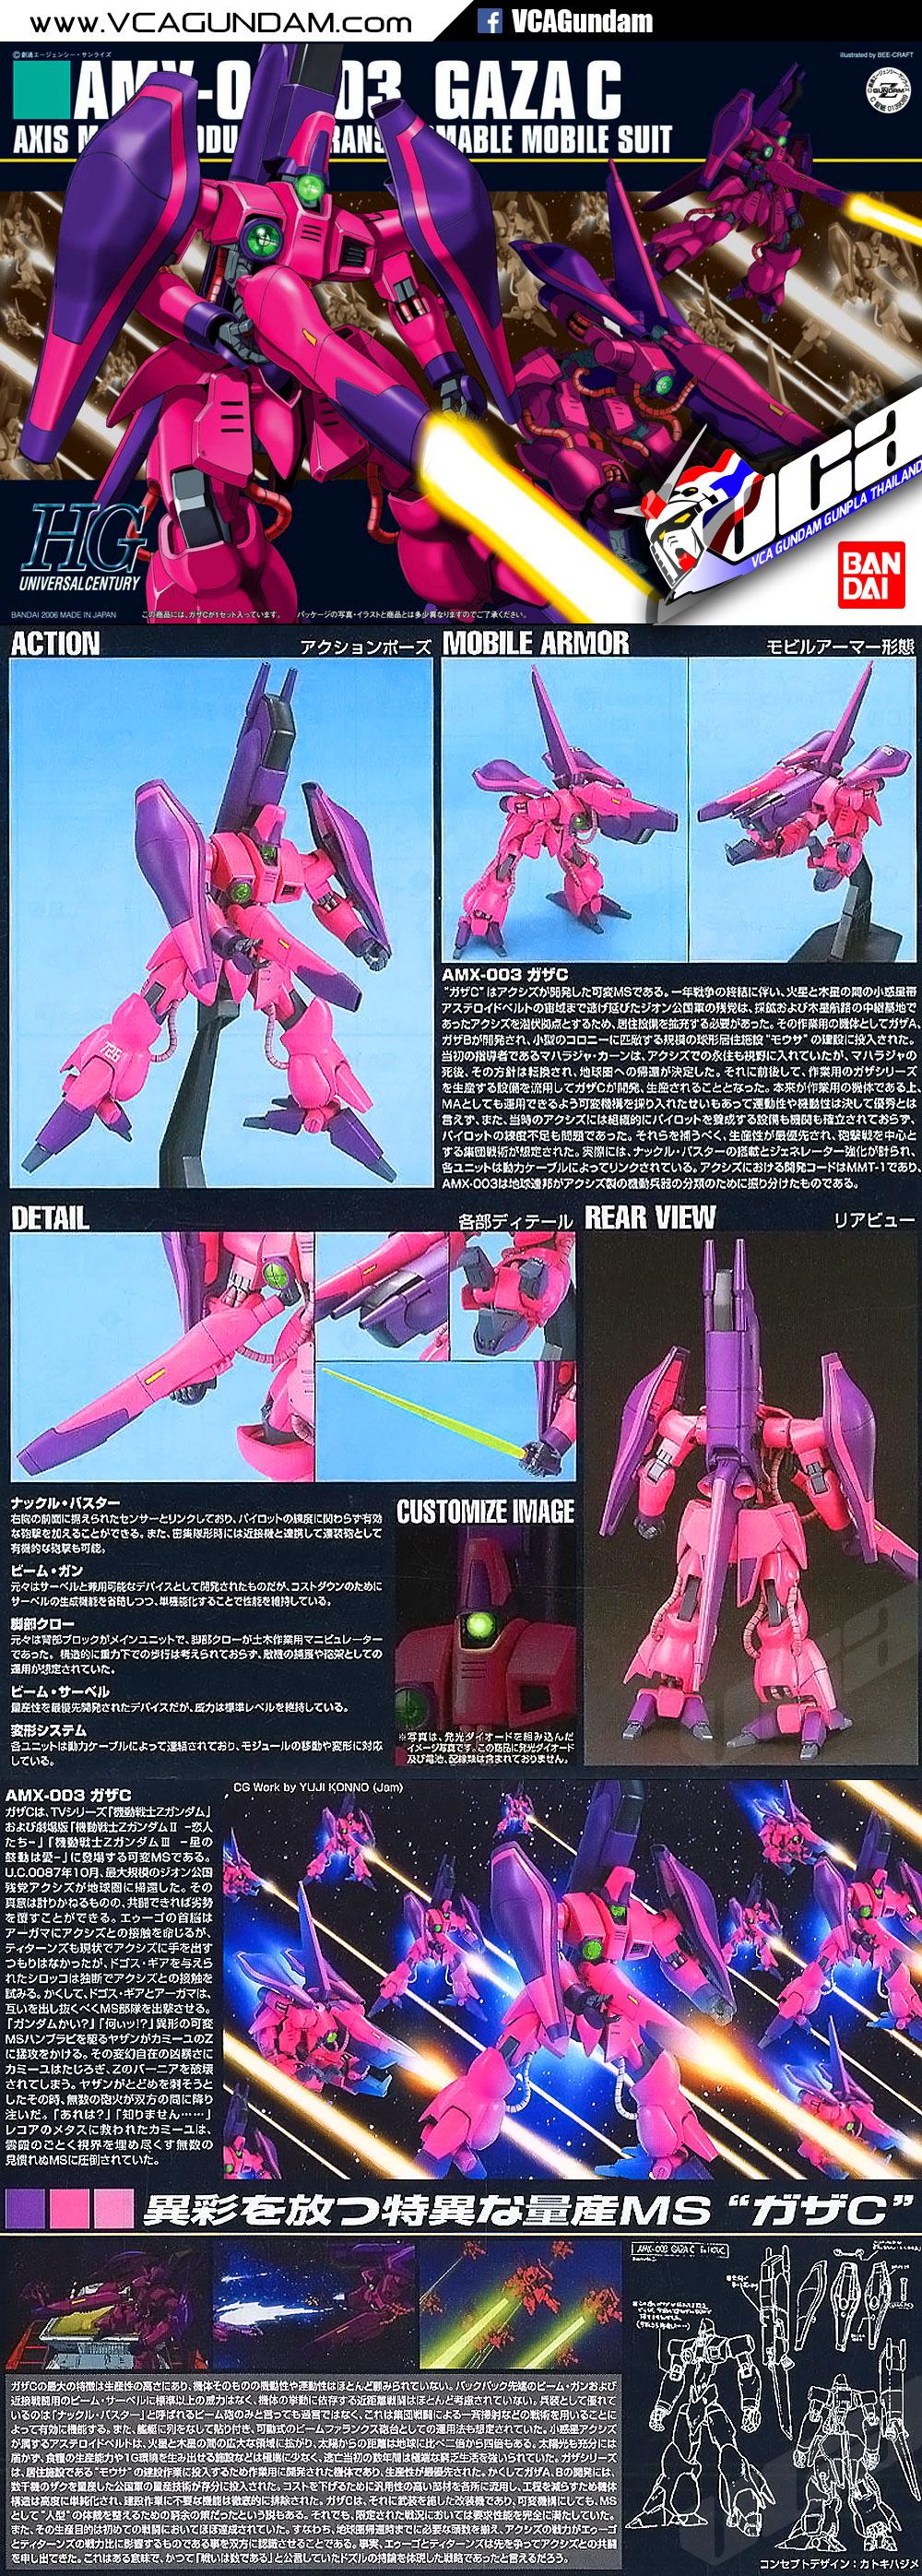 HG AMX-003 GAZA C (NORMAL USE) กาซา C